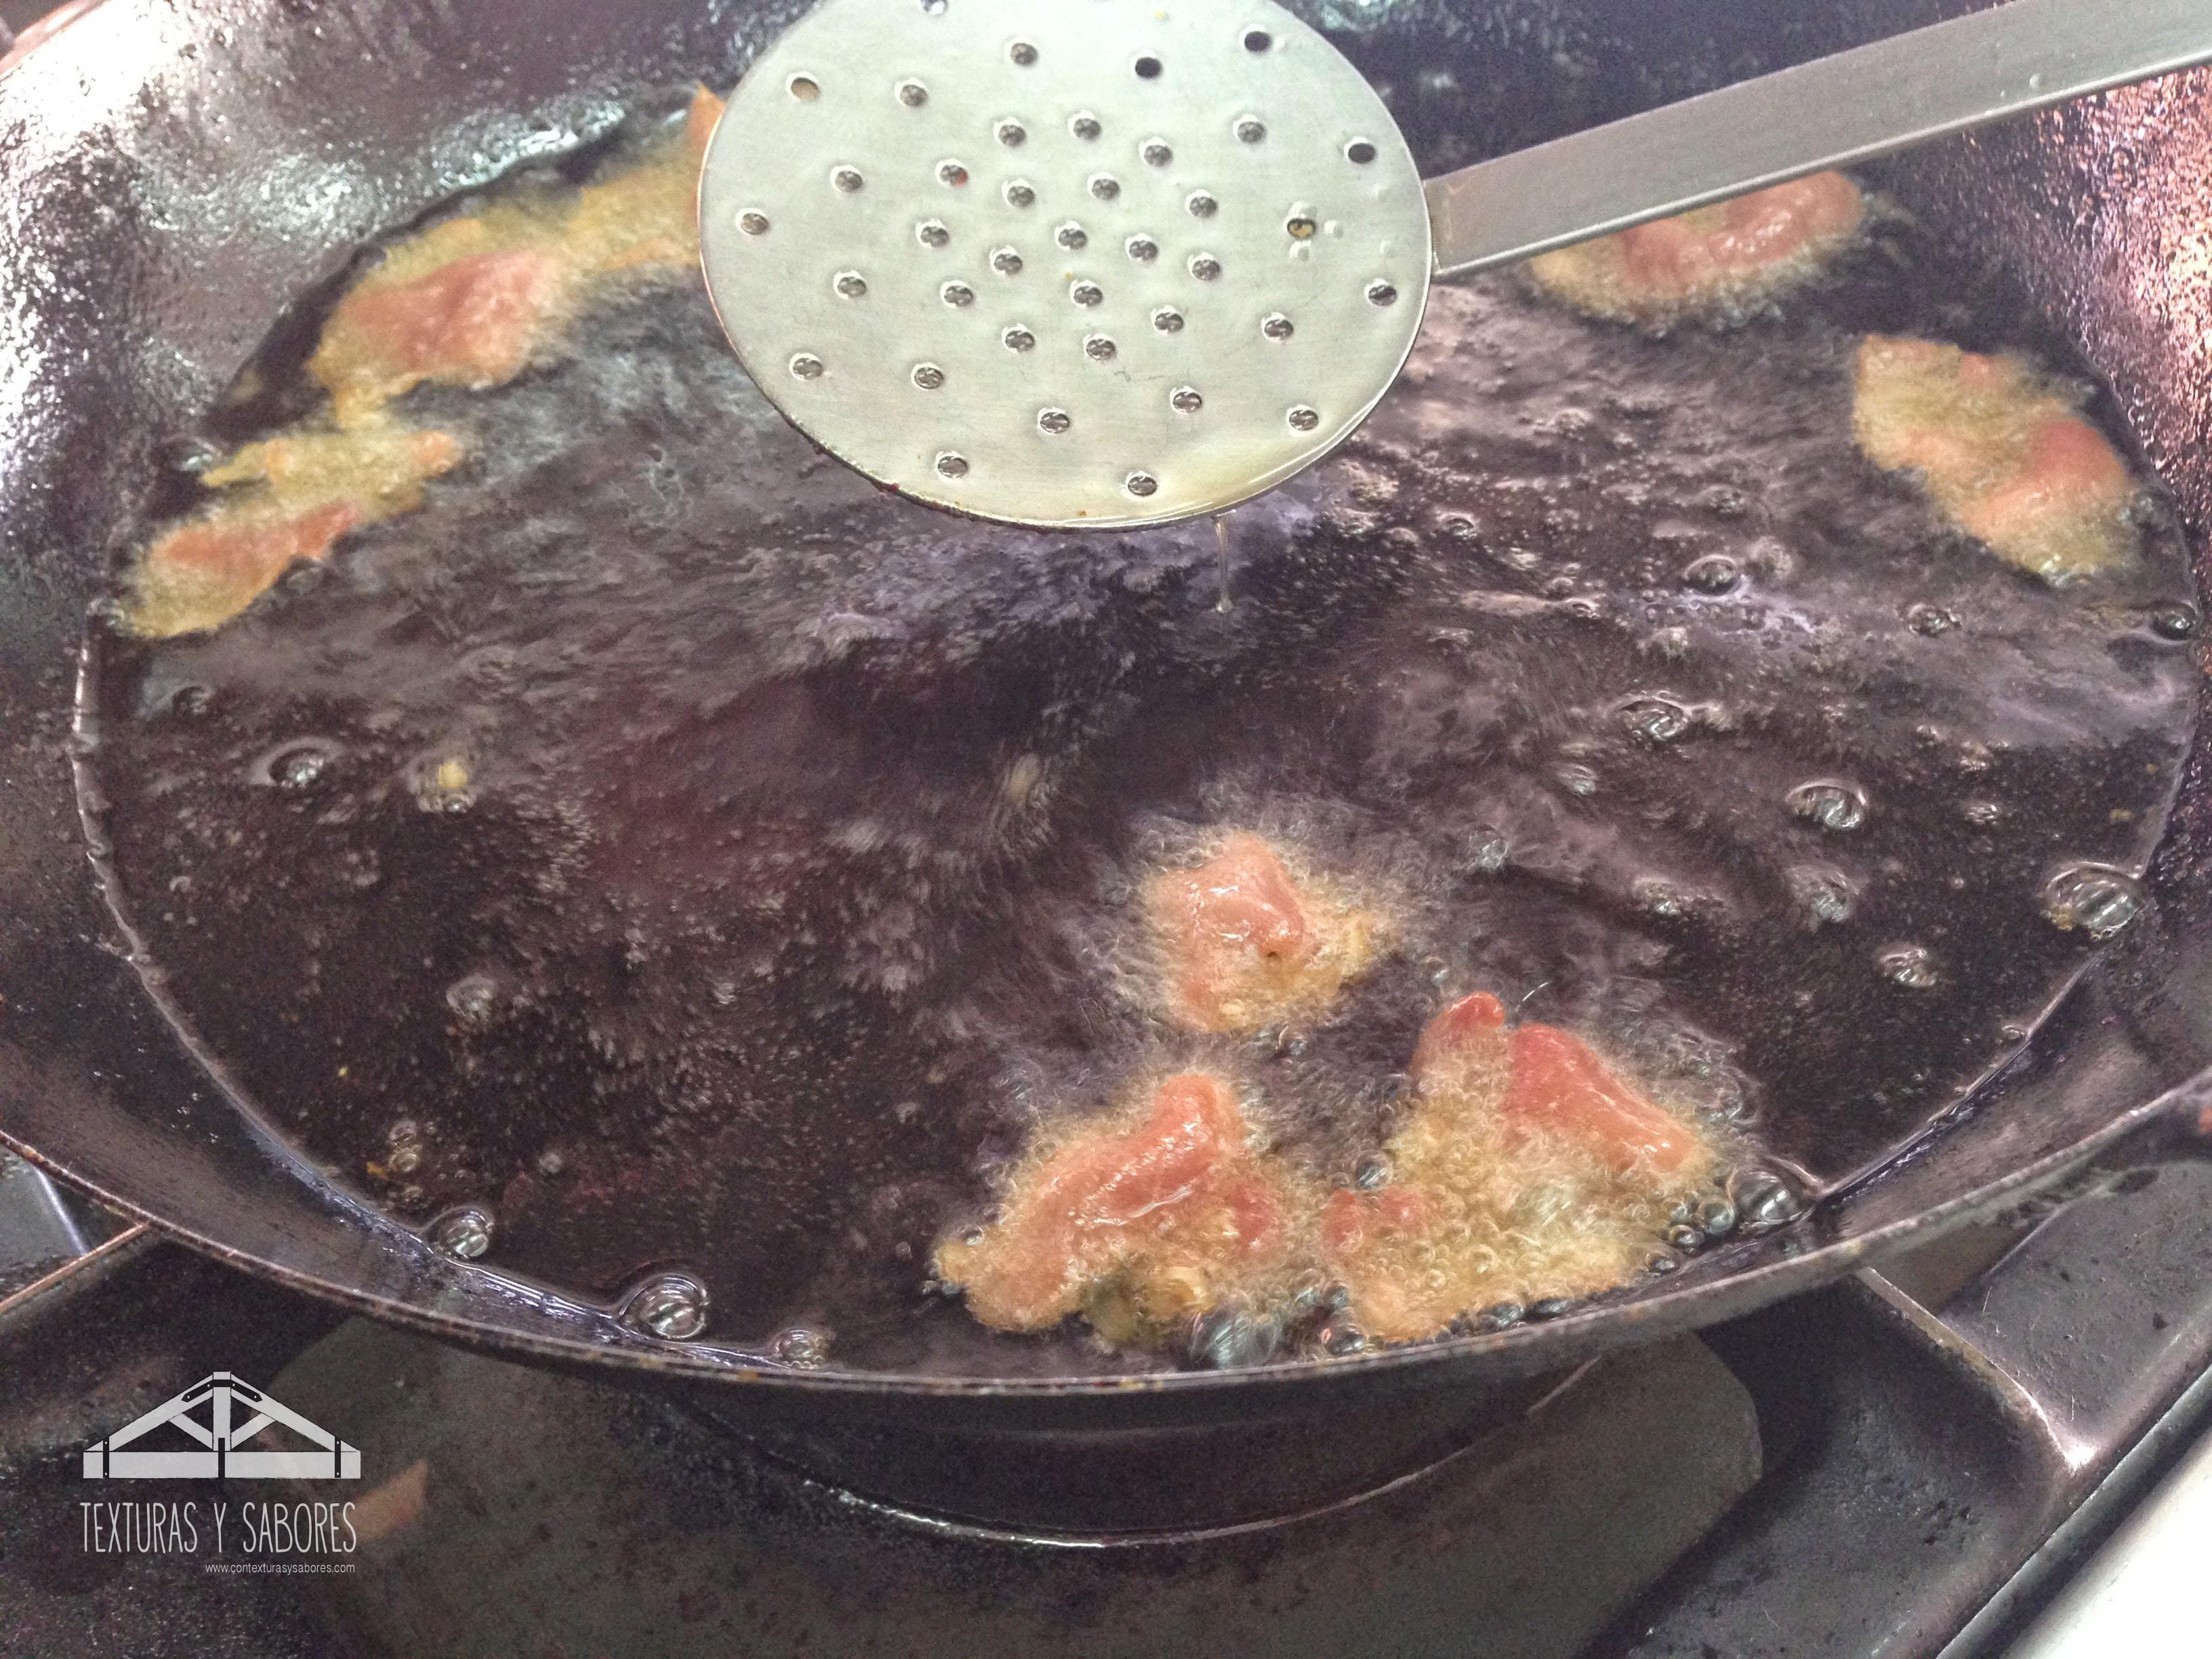 fritura de jamon serrano